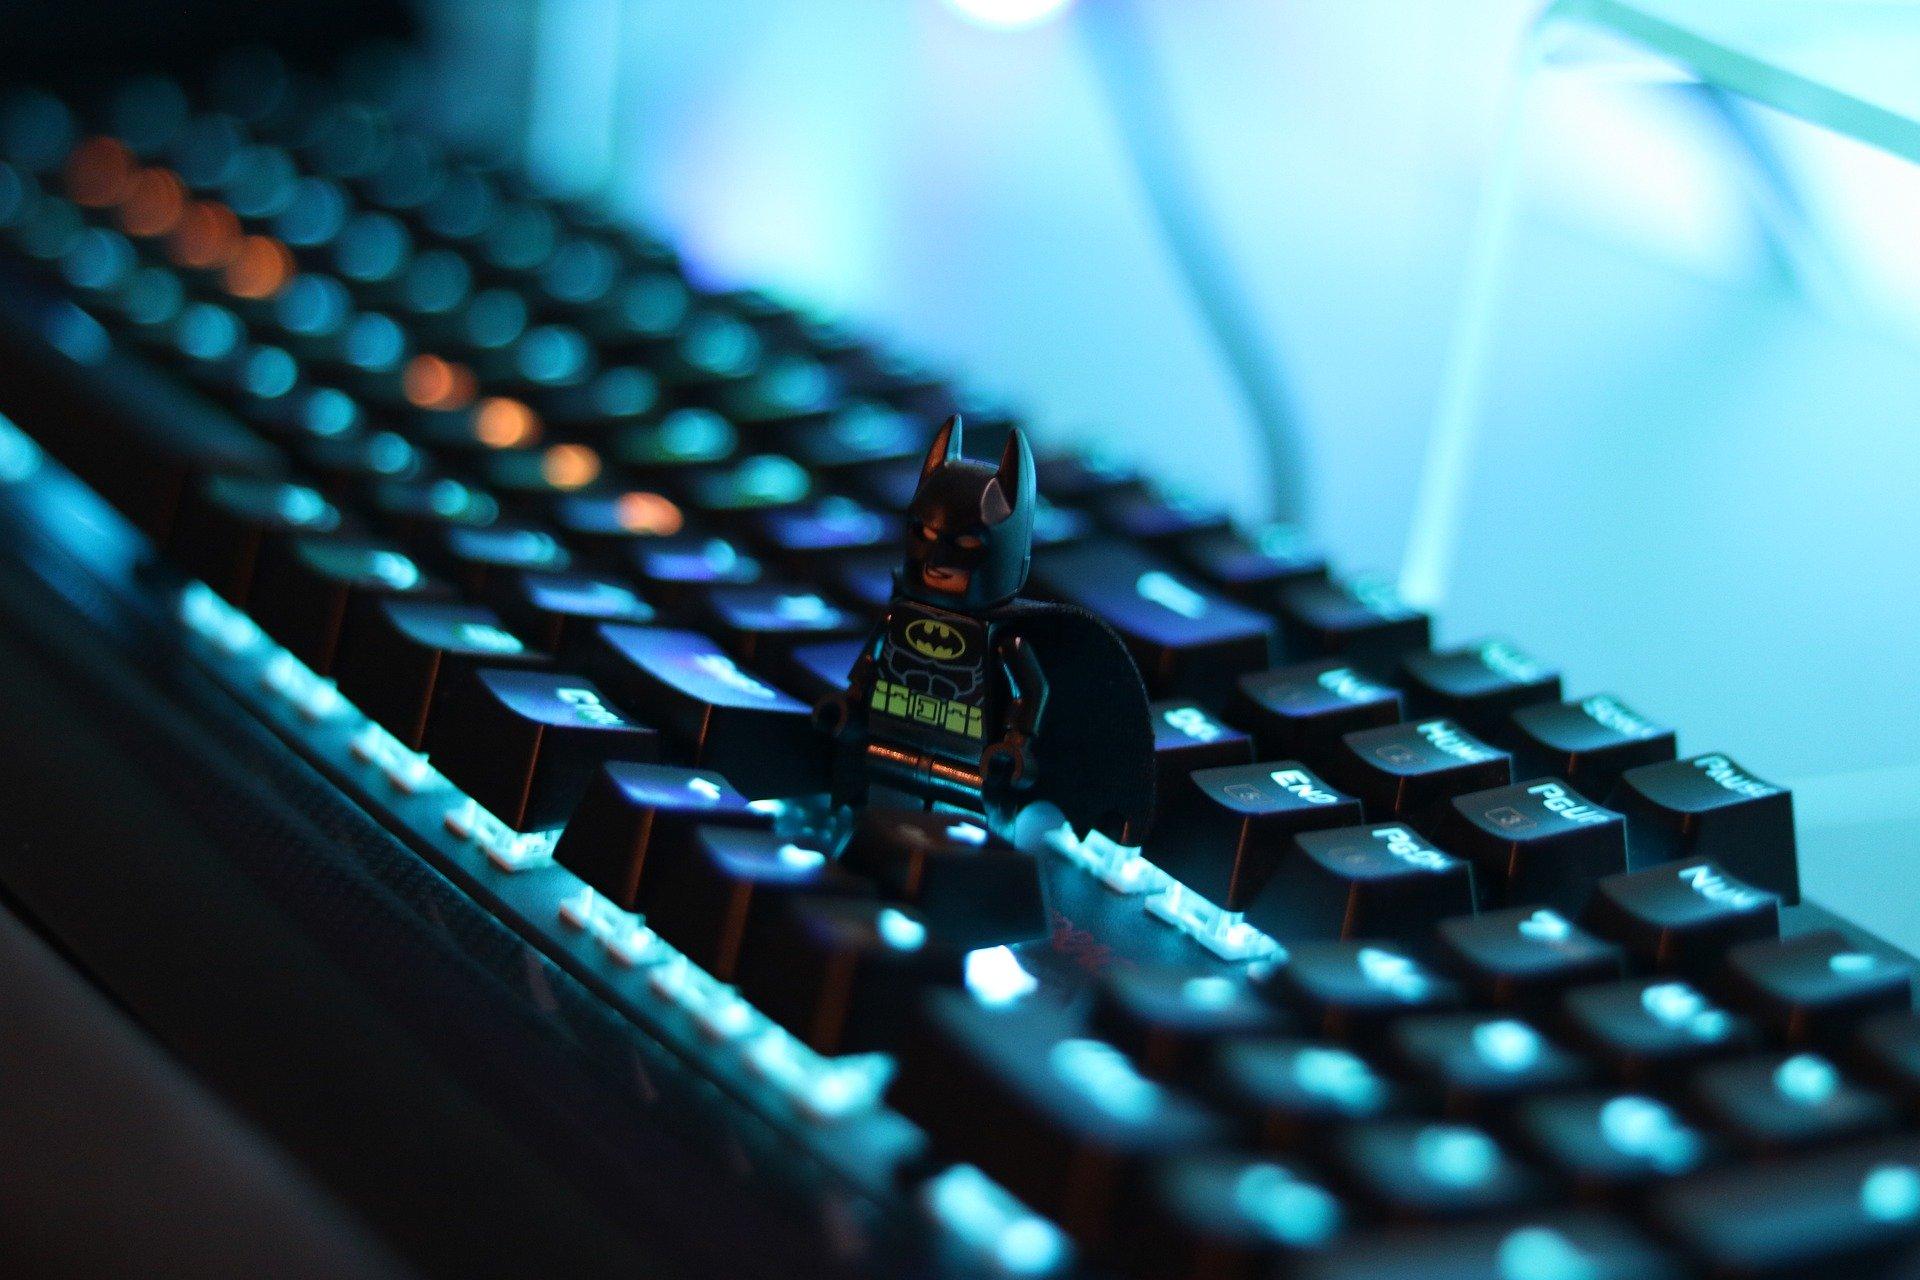 Бэтмен и проблема морального выбора: онлайн-лекцию прочитают в техникуме имени Красина